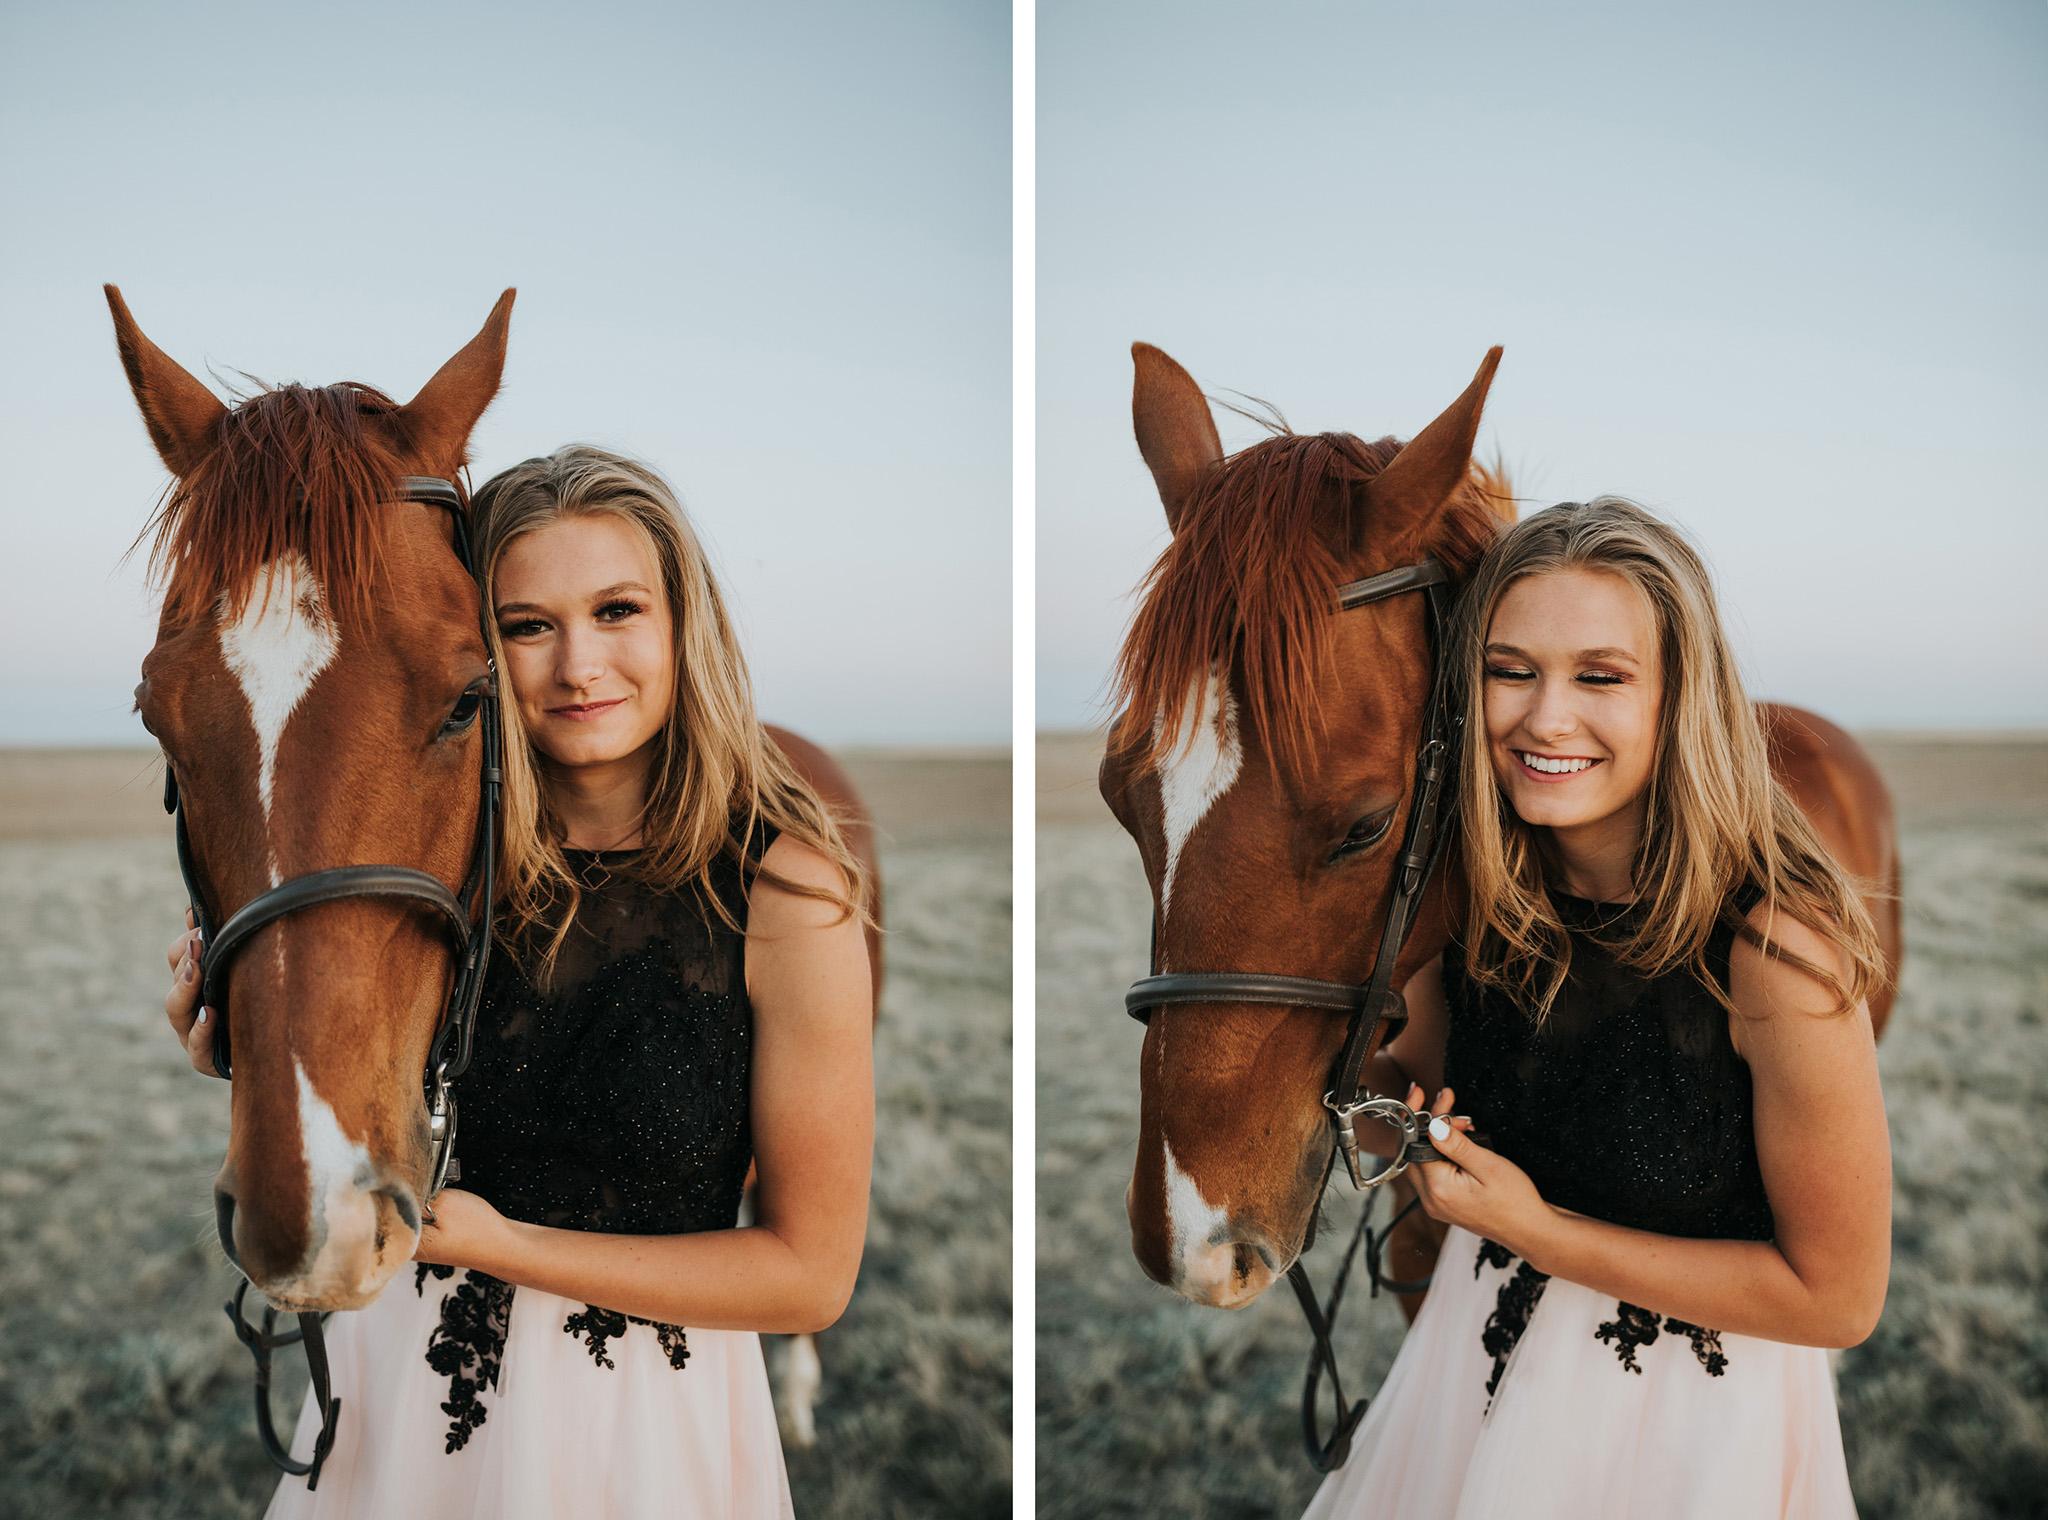 senior girl standing beside horse smiling laughing